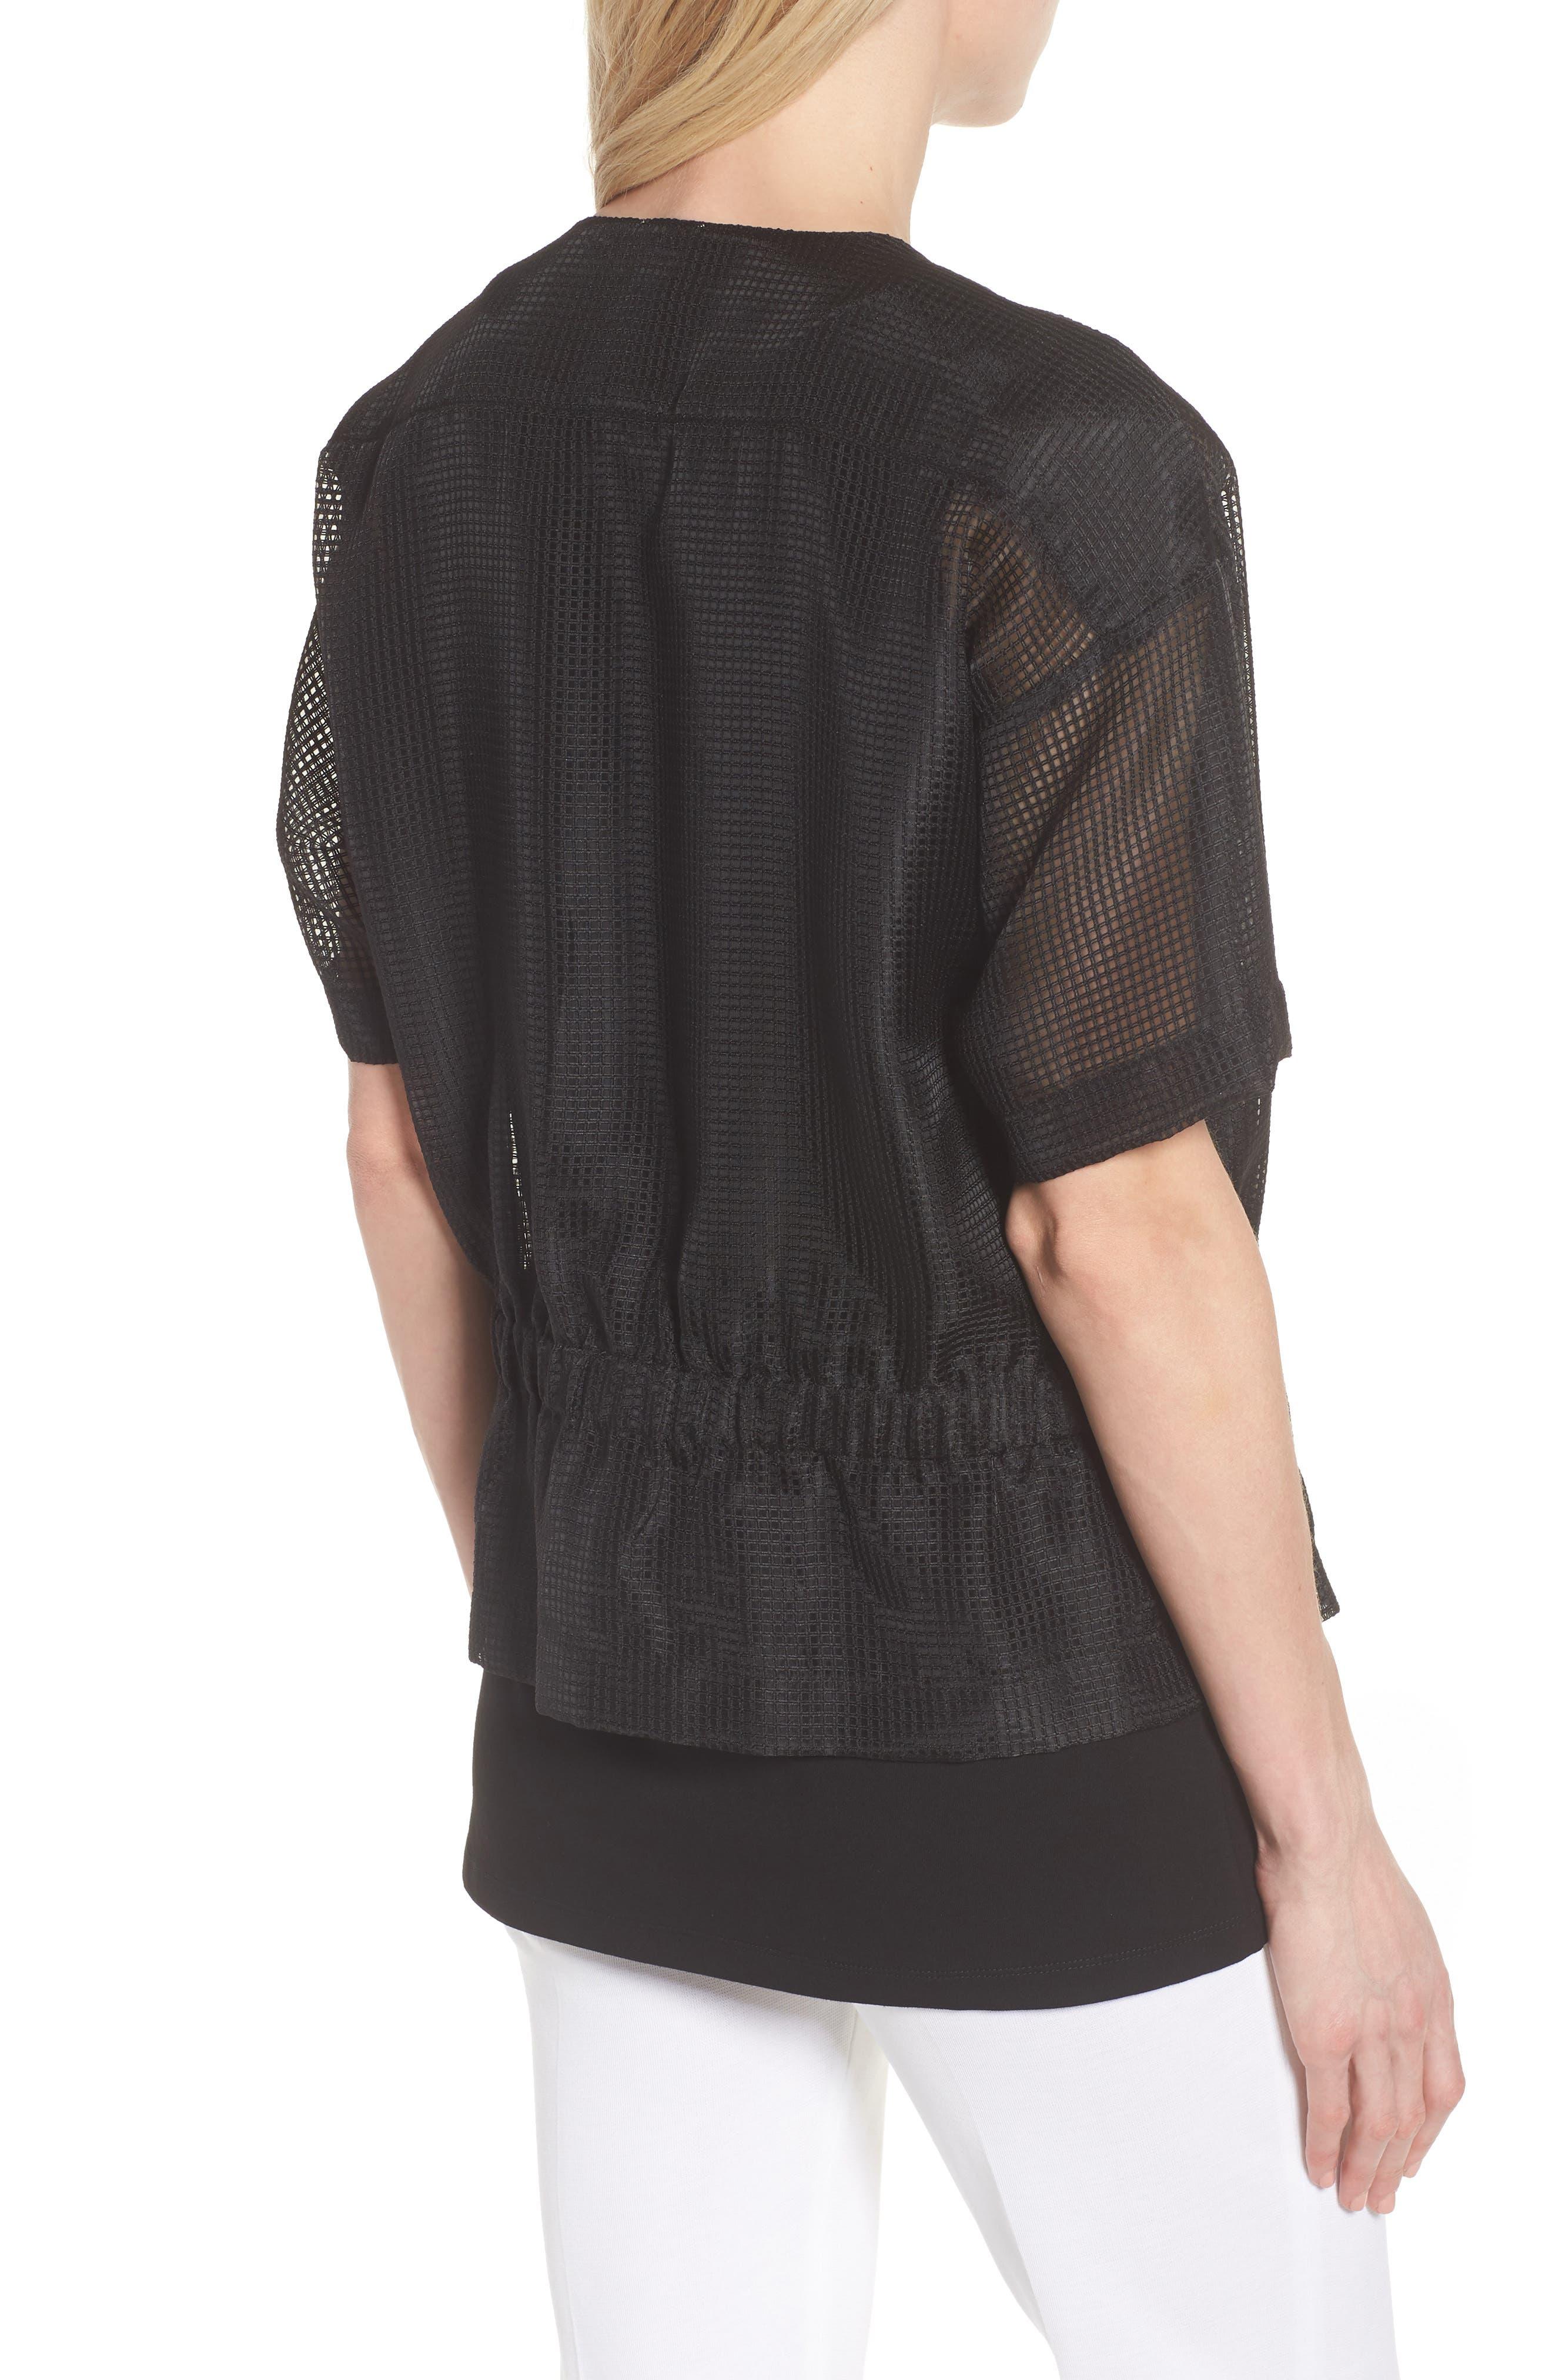 Mesh Jacket,                             Alternate thumbnail 2, color,                             Black/ White